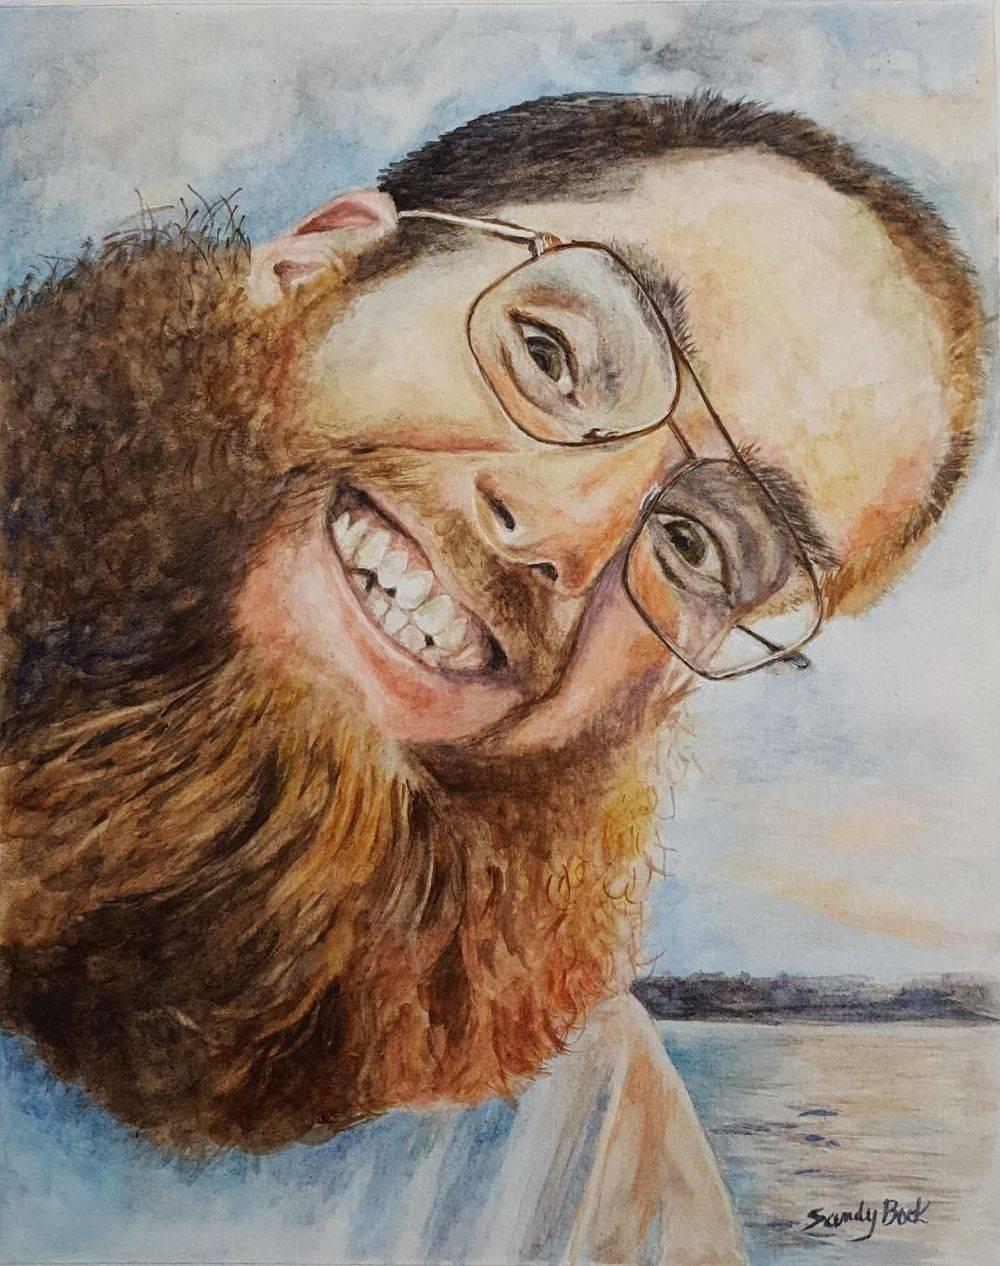 sandy bock, portrait artist, portrait art, watercolor, portrait illustration, custom portrait painting